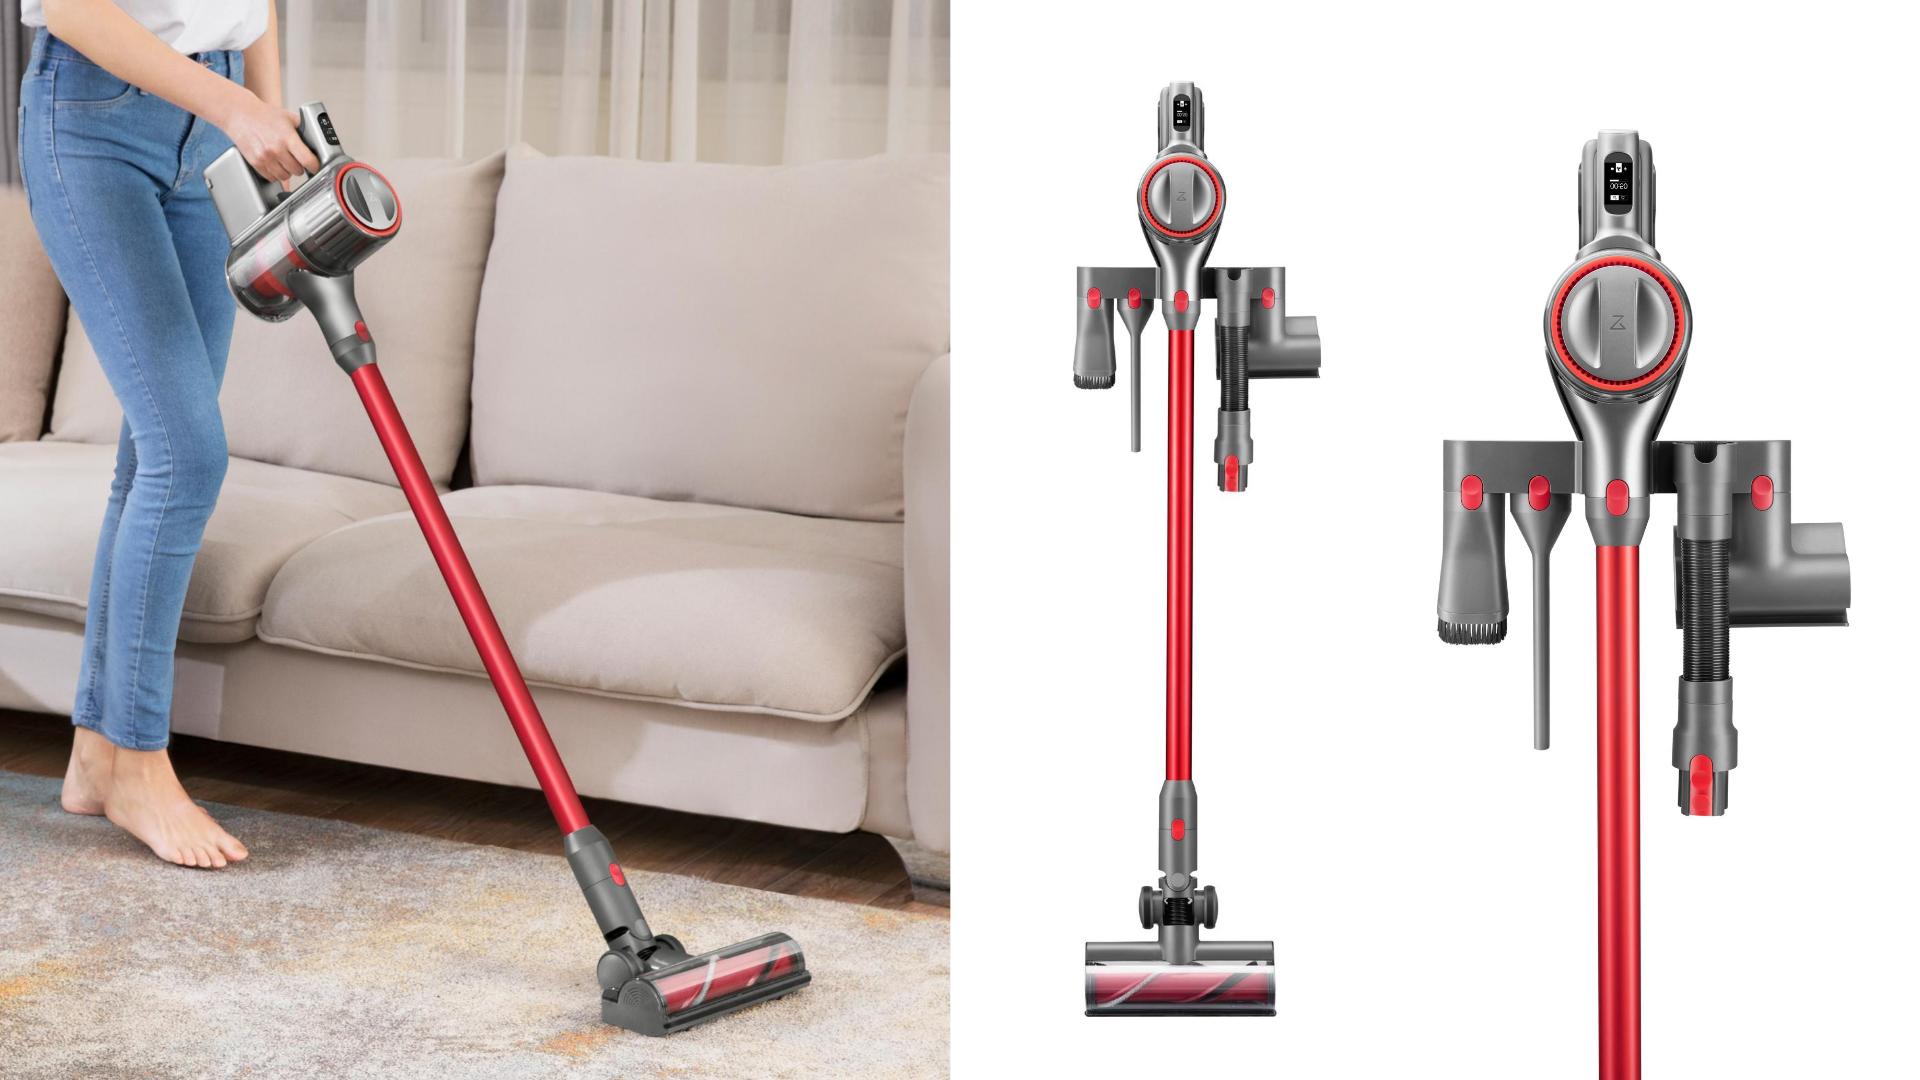 Roborock H6 stick vacuum